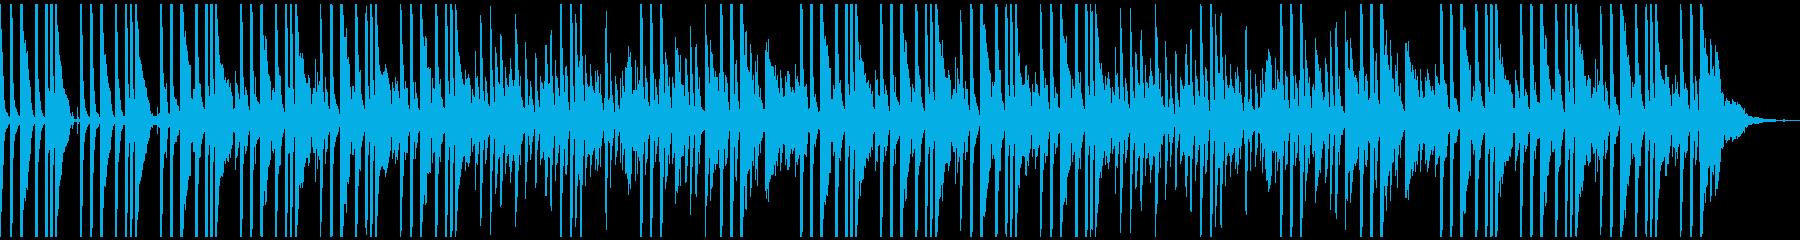 ピアノメイン、未来的で浮遊感のあるテクノの再生済みの波形